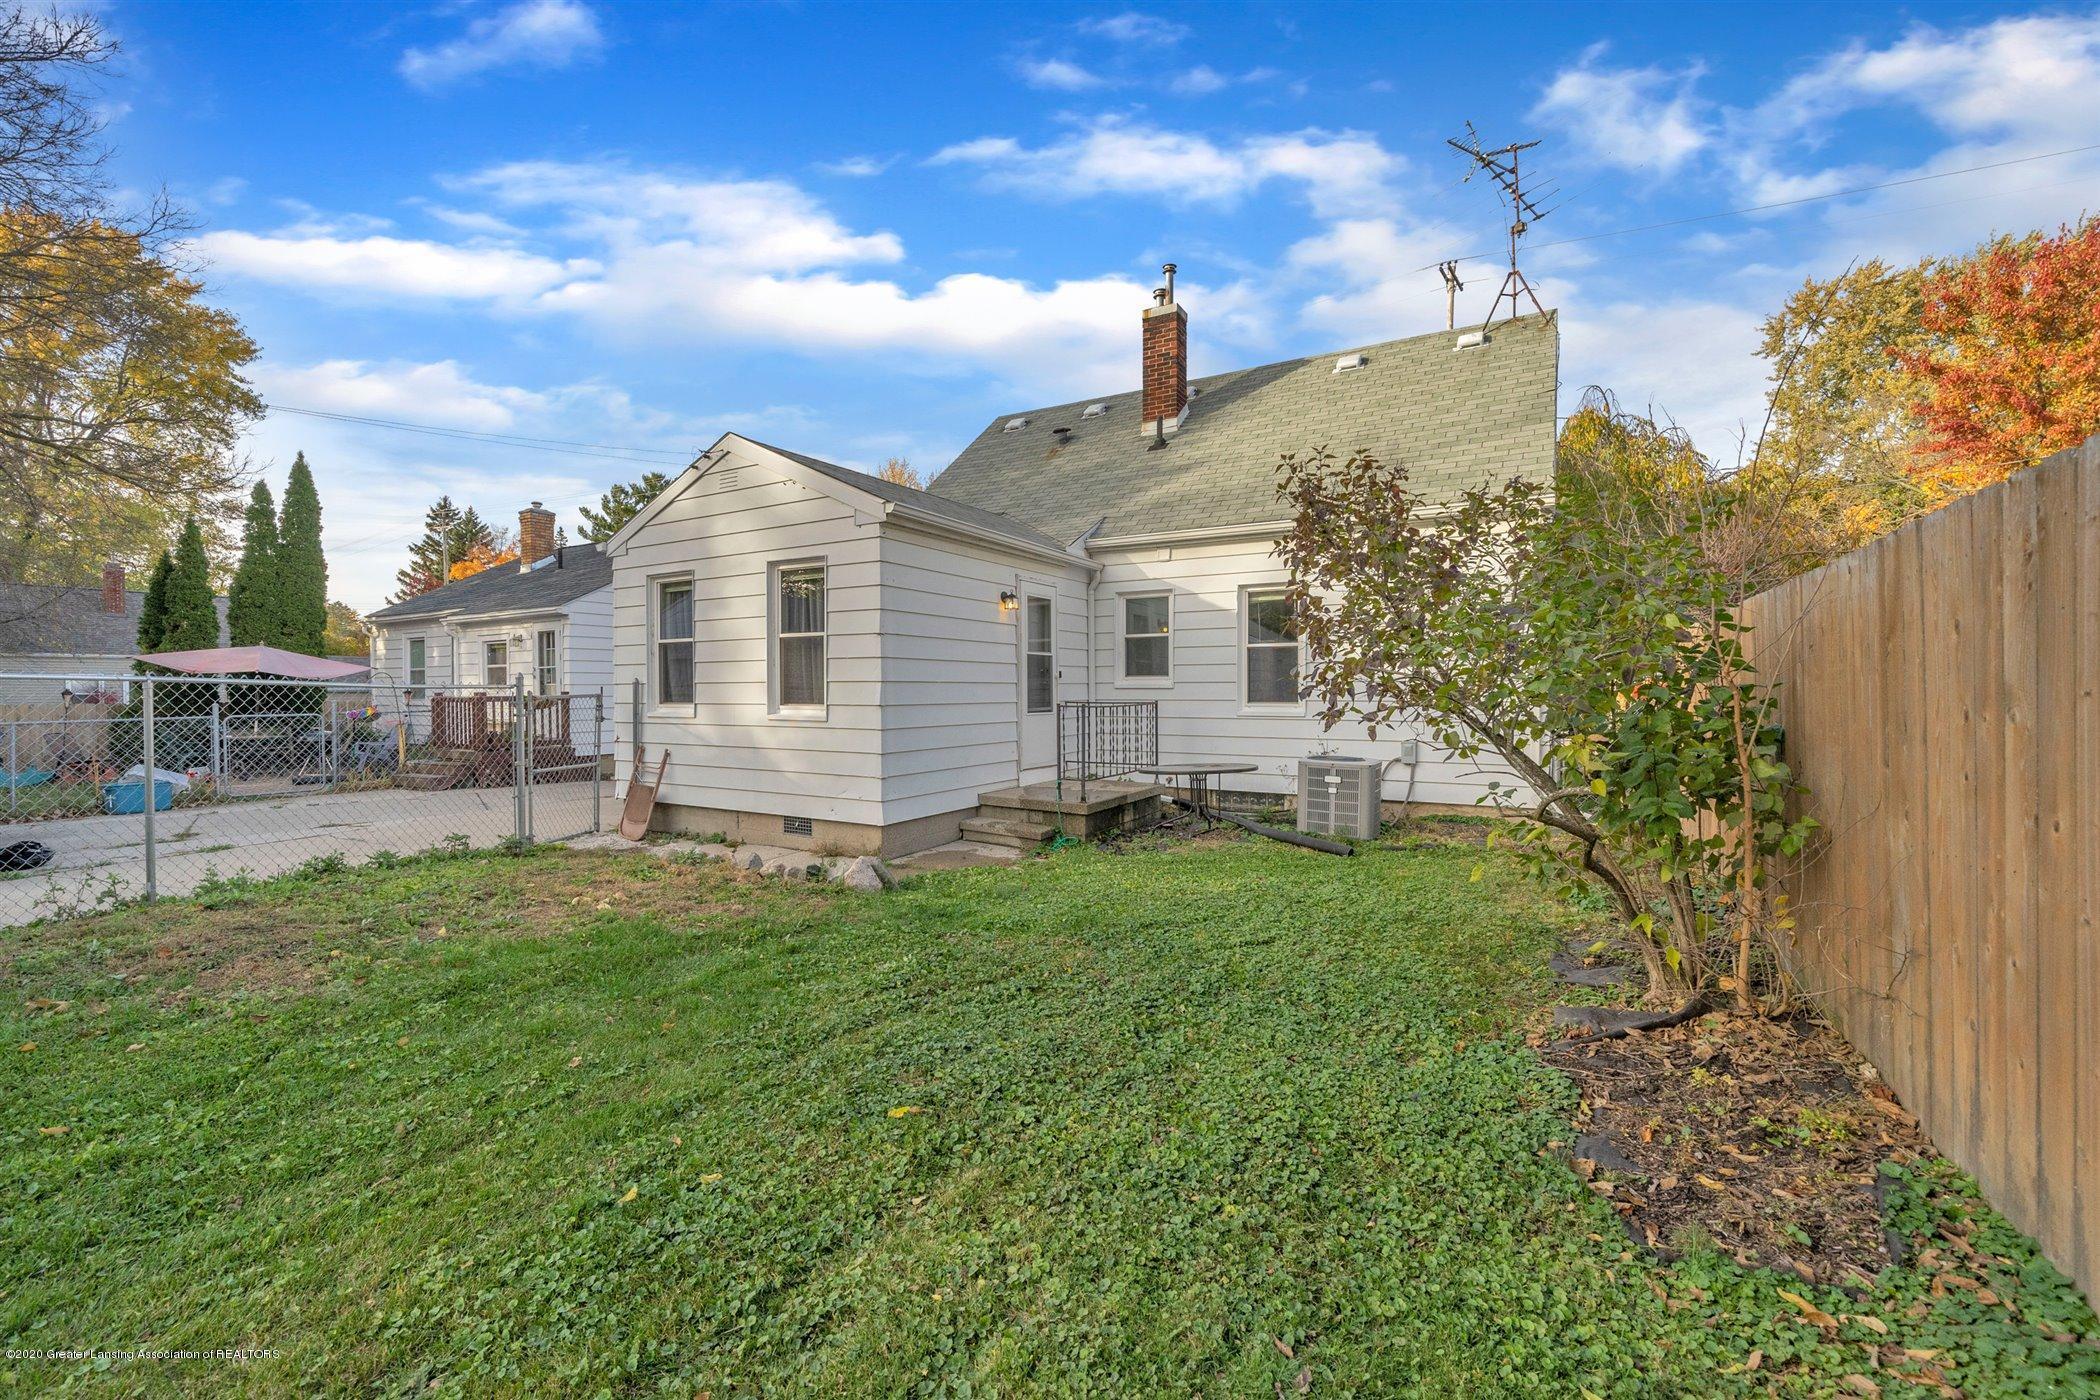 1209 Lenore Ave - 31-1209-Lenore-Ave-WindowStill-Real - 31